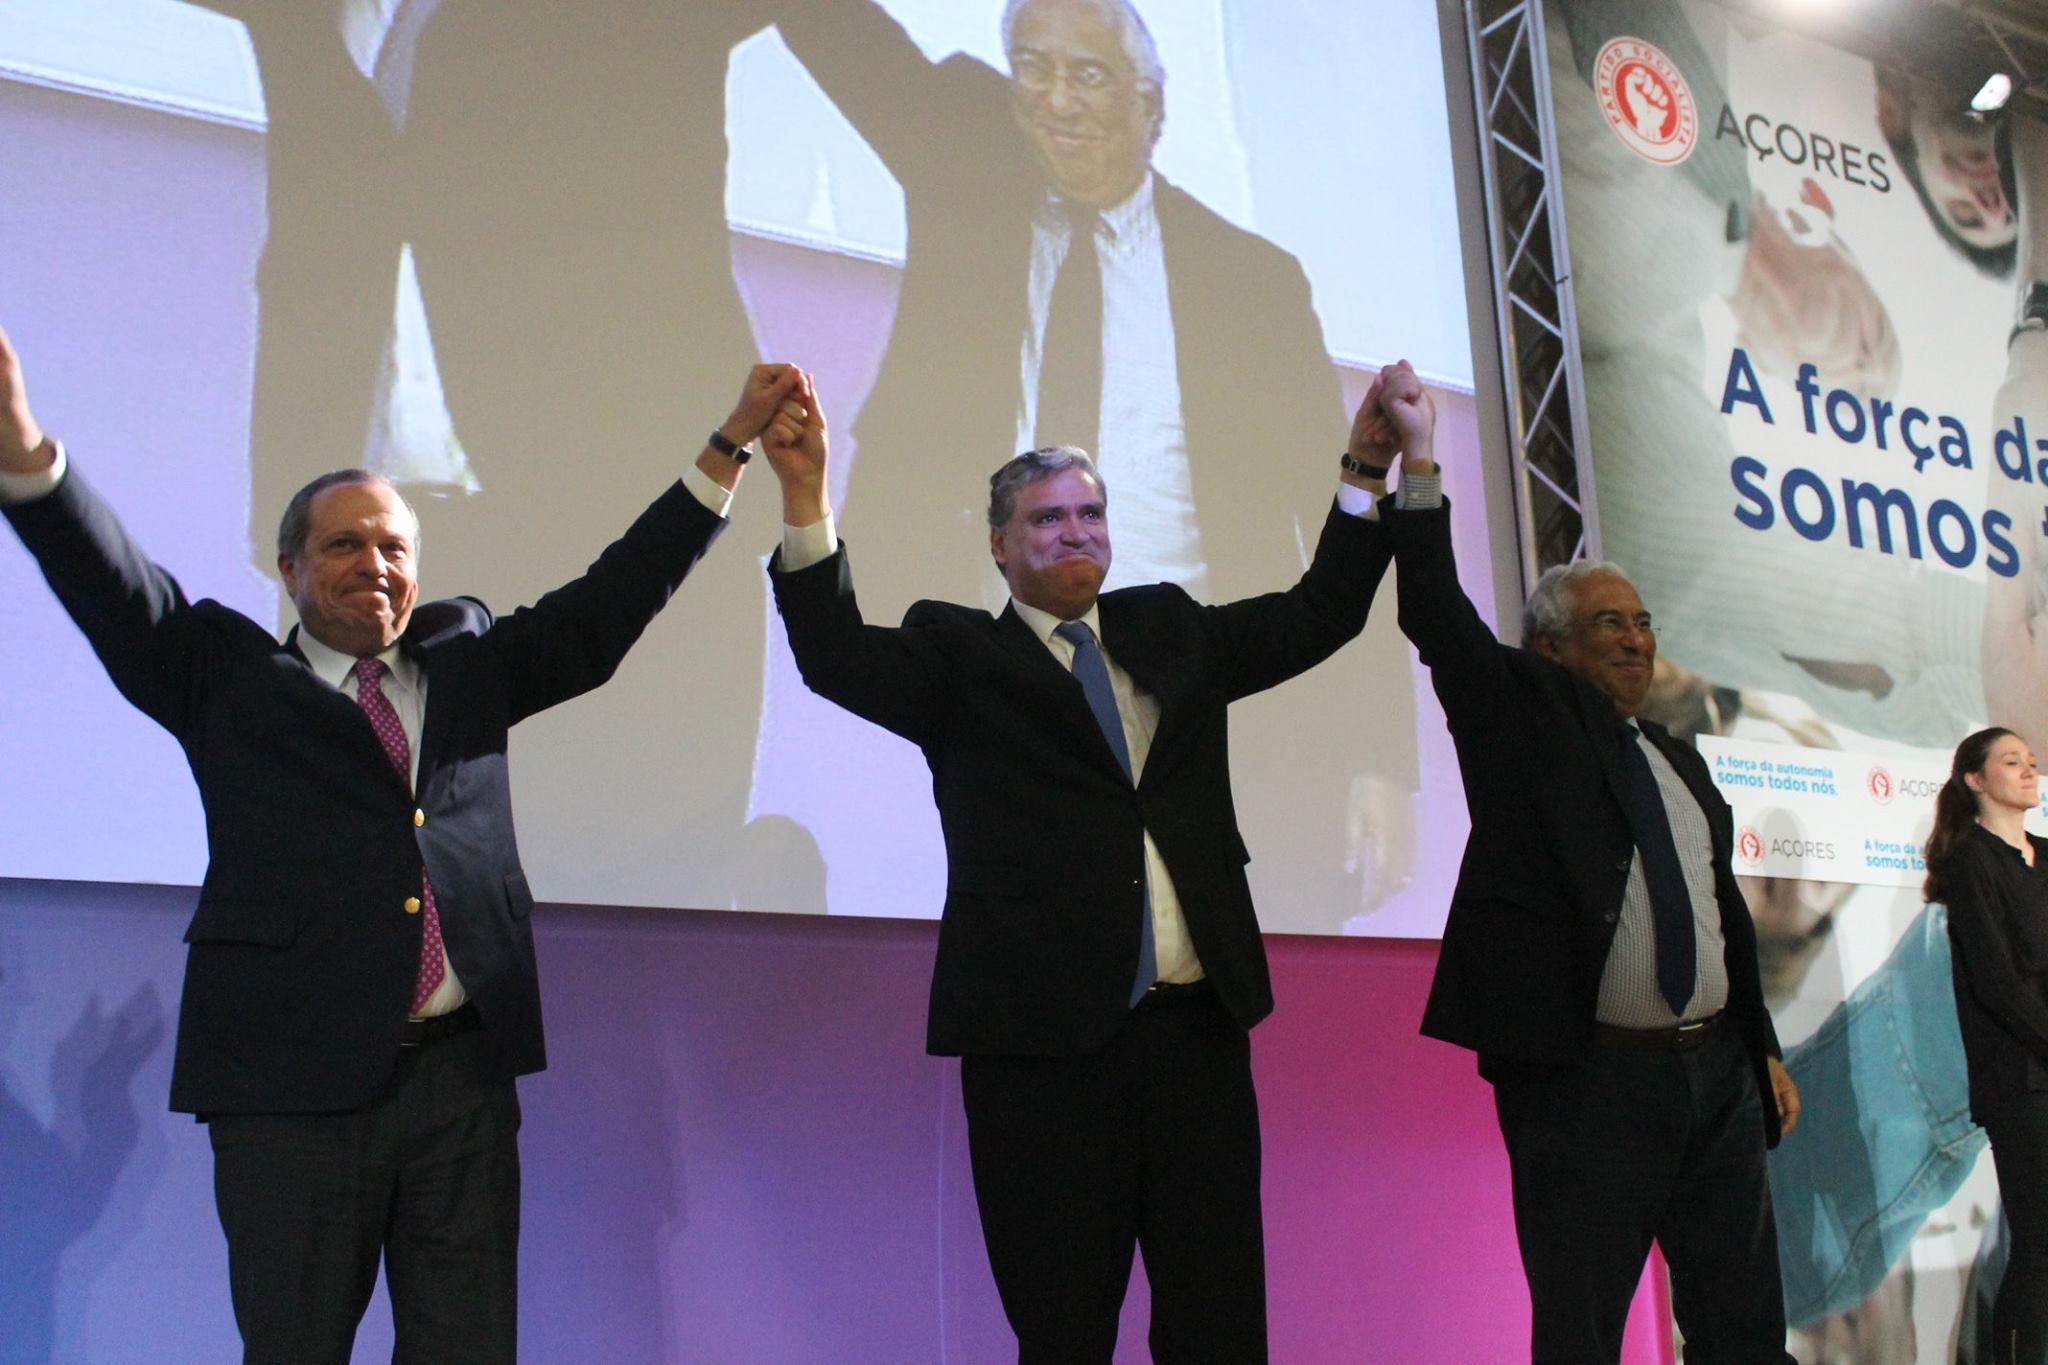 """""""Estamos prontos para servir os Açores com a força da Autonomia que é, afinal, a força de todos nós"""", salientou Vasco Cordeiro."""